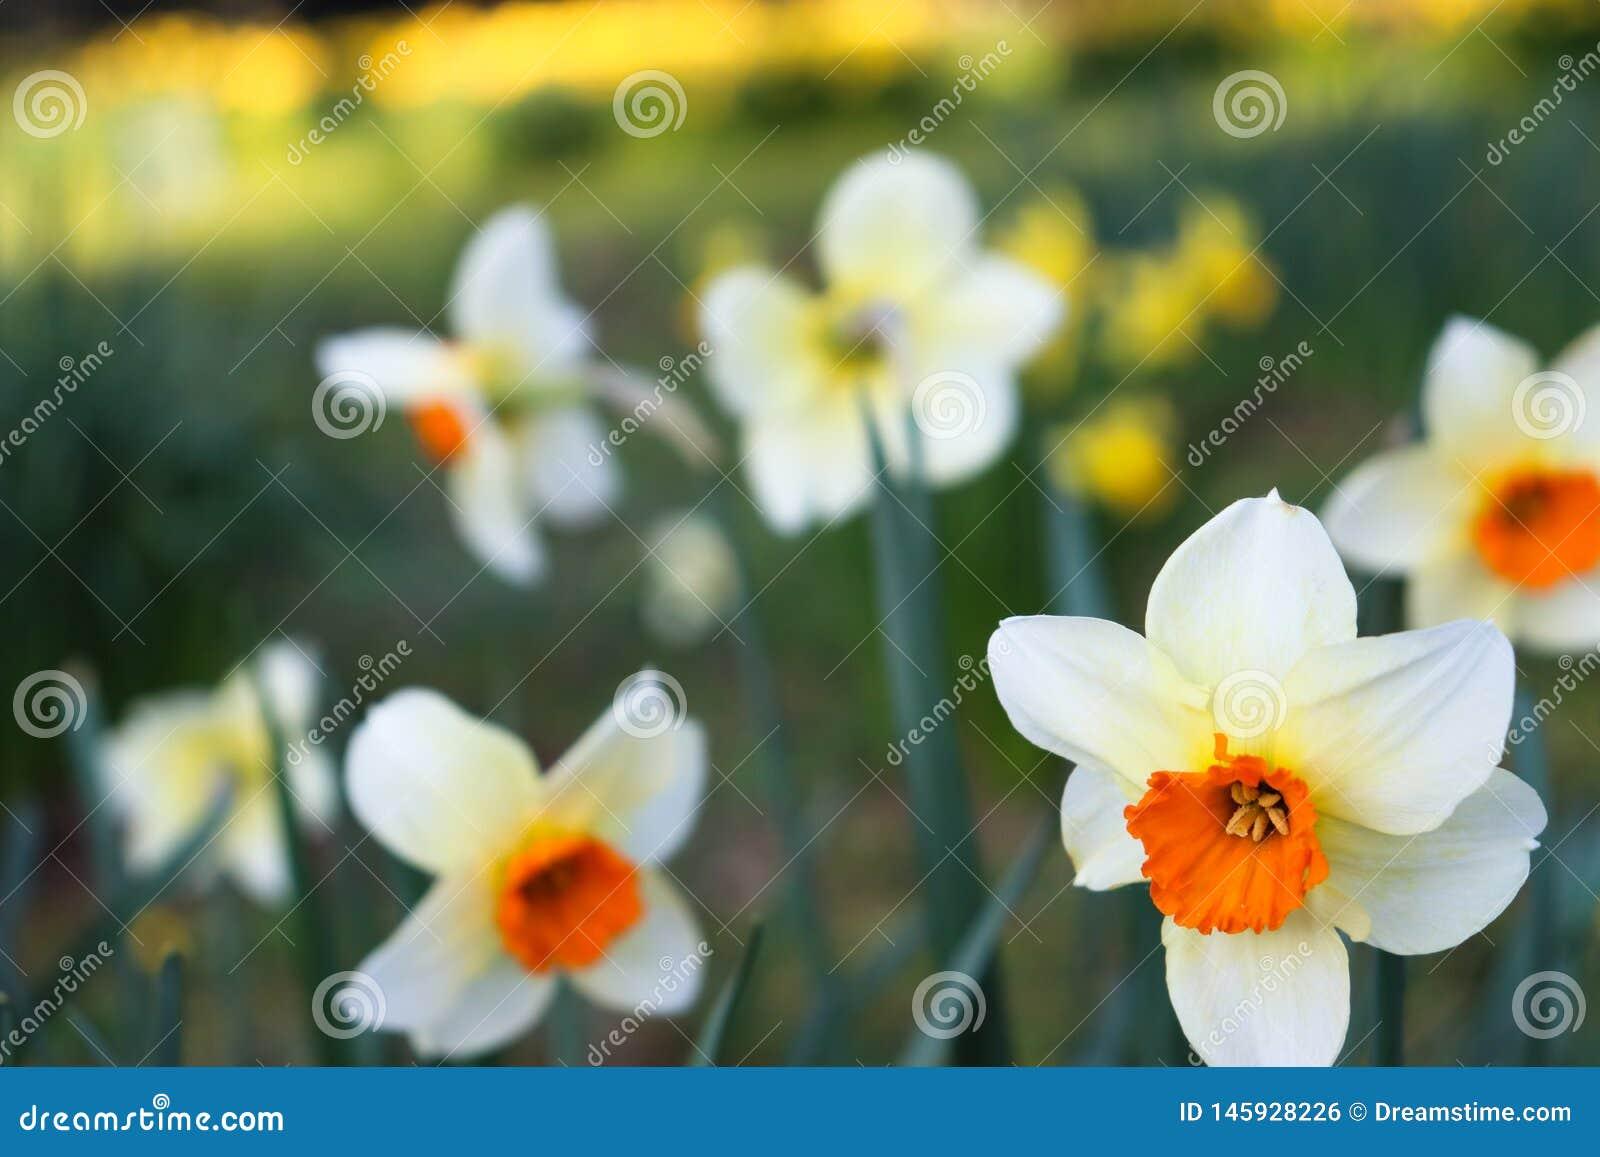 Fleur blanche/rouge dans le premier plan avec le fond brouillé